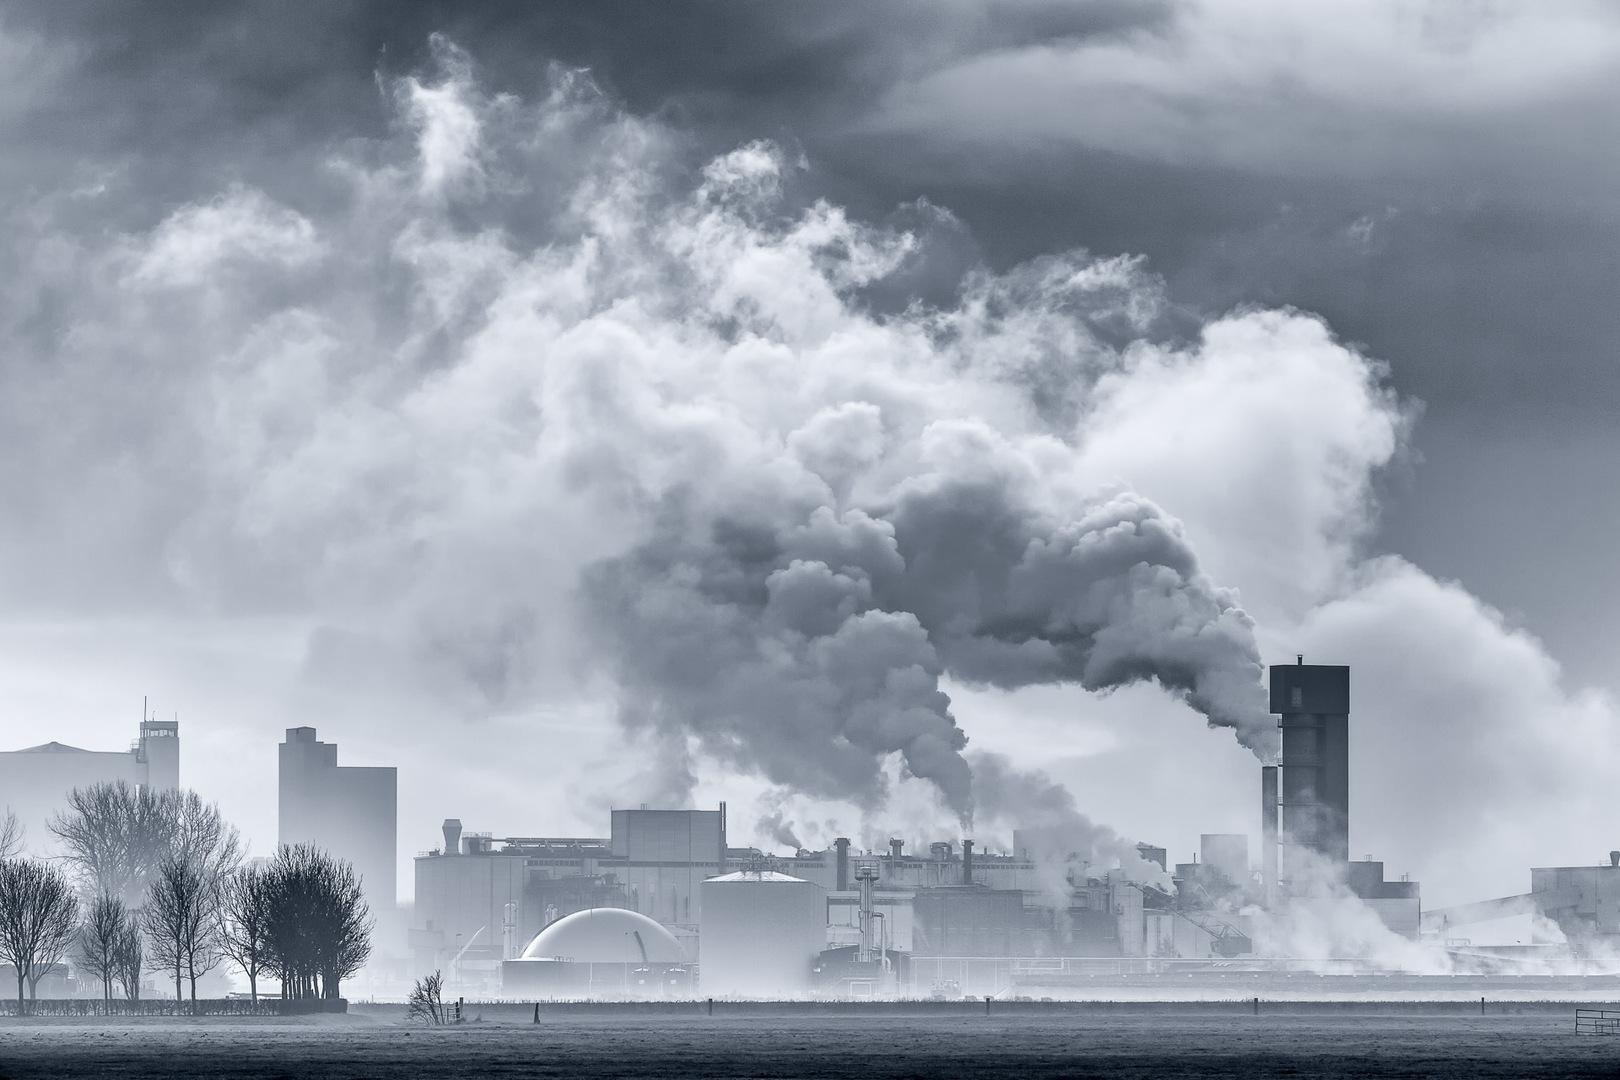 De suikerfabriek in Hoogkerk tegen een dramatische wolkenlucht